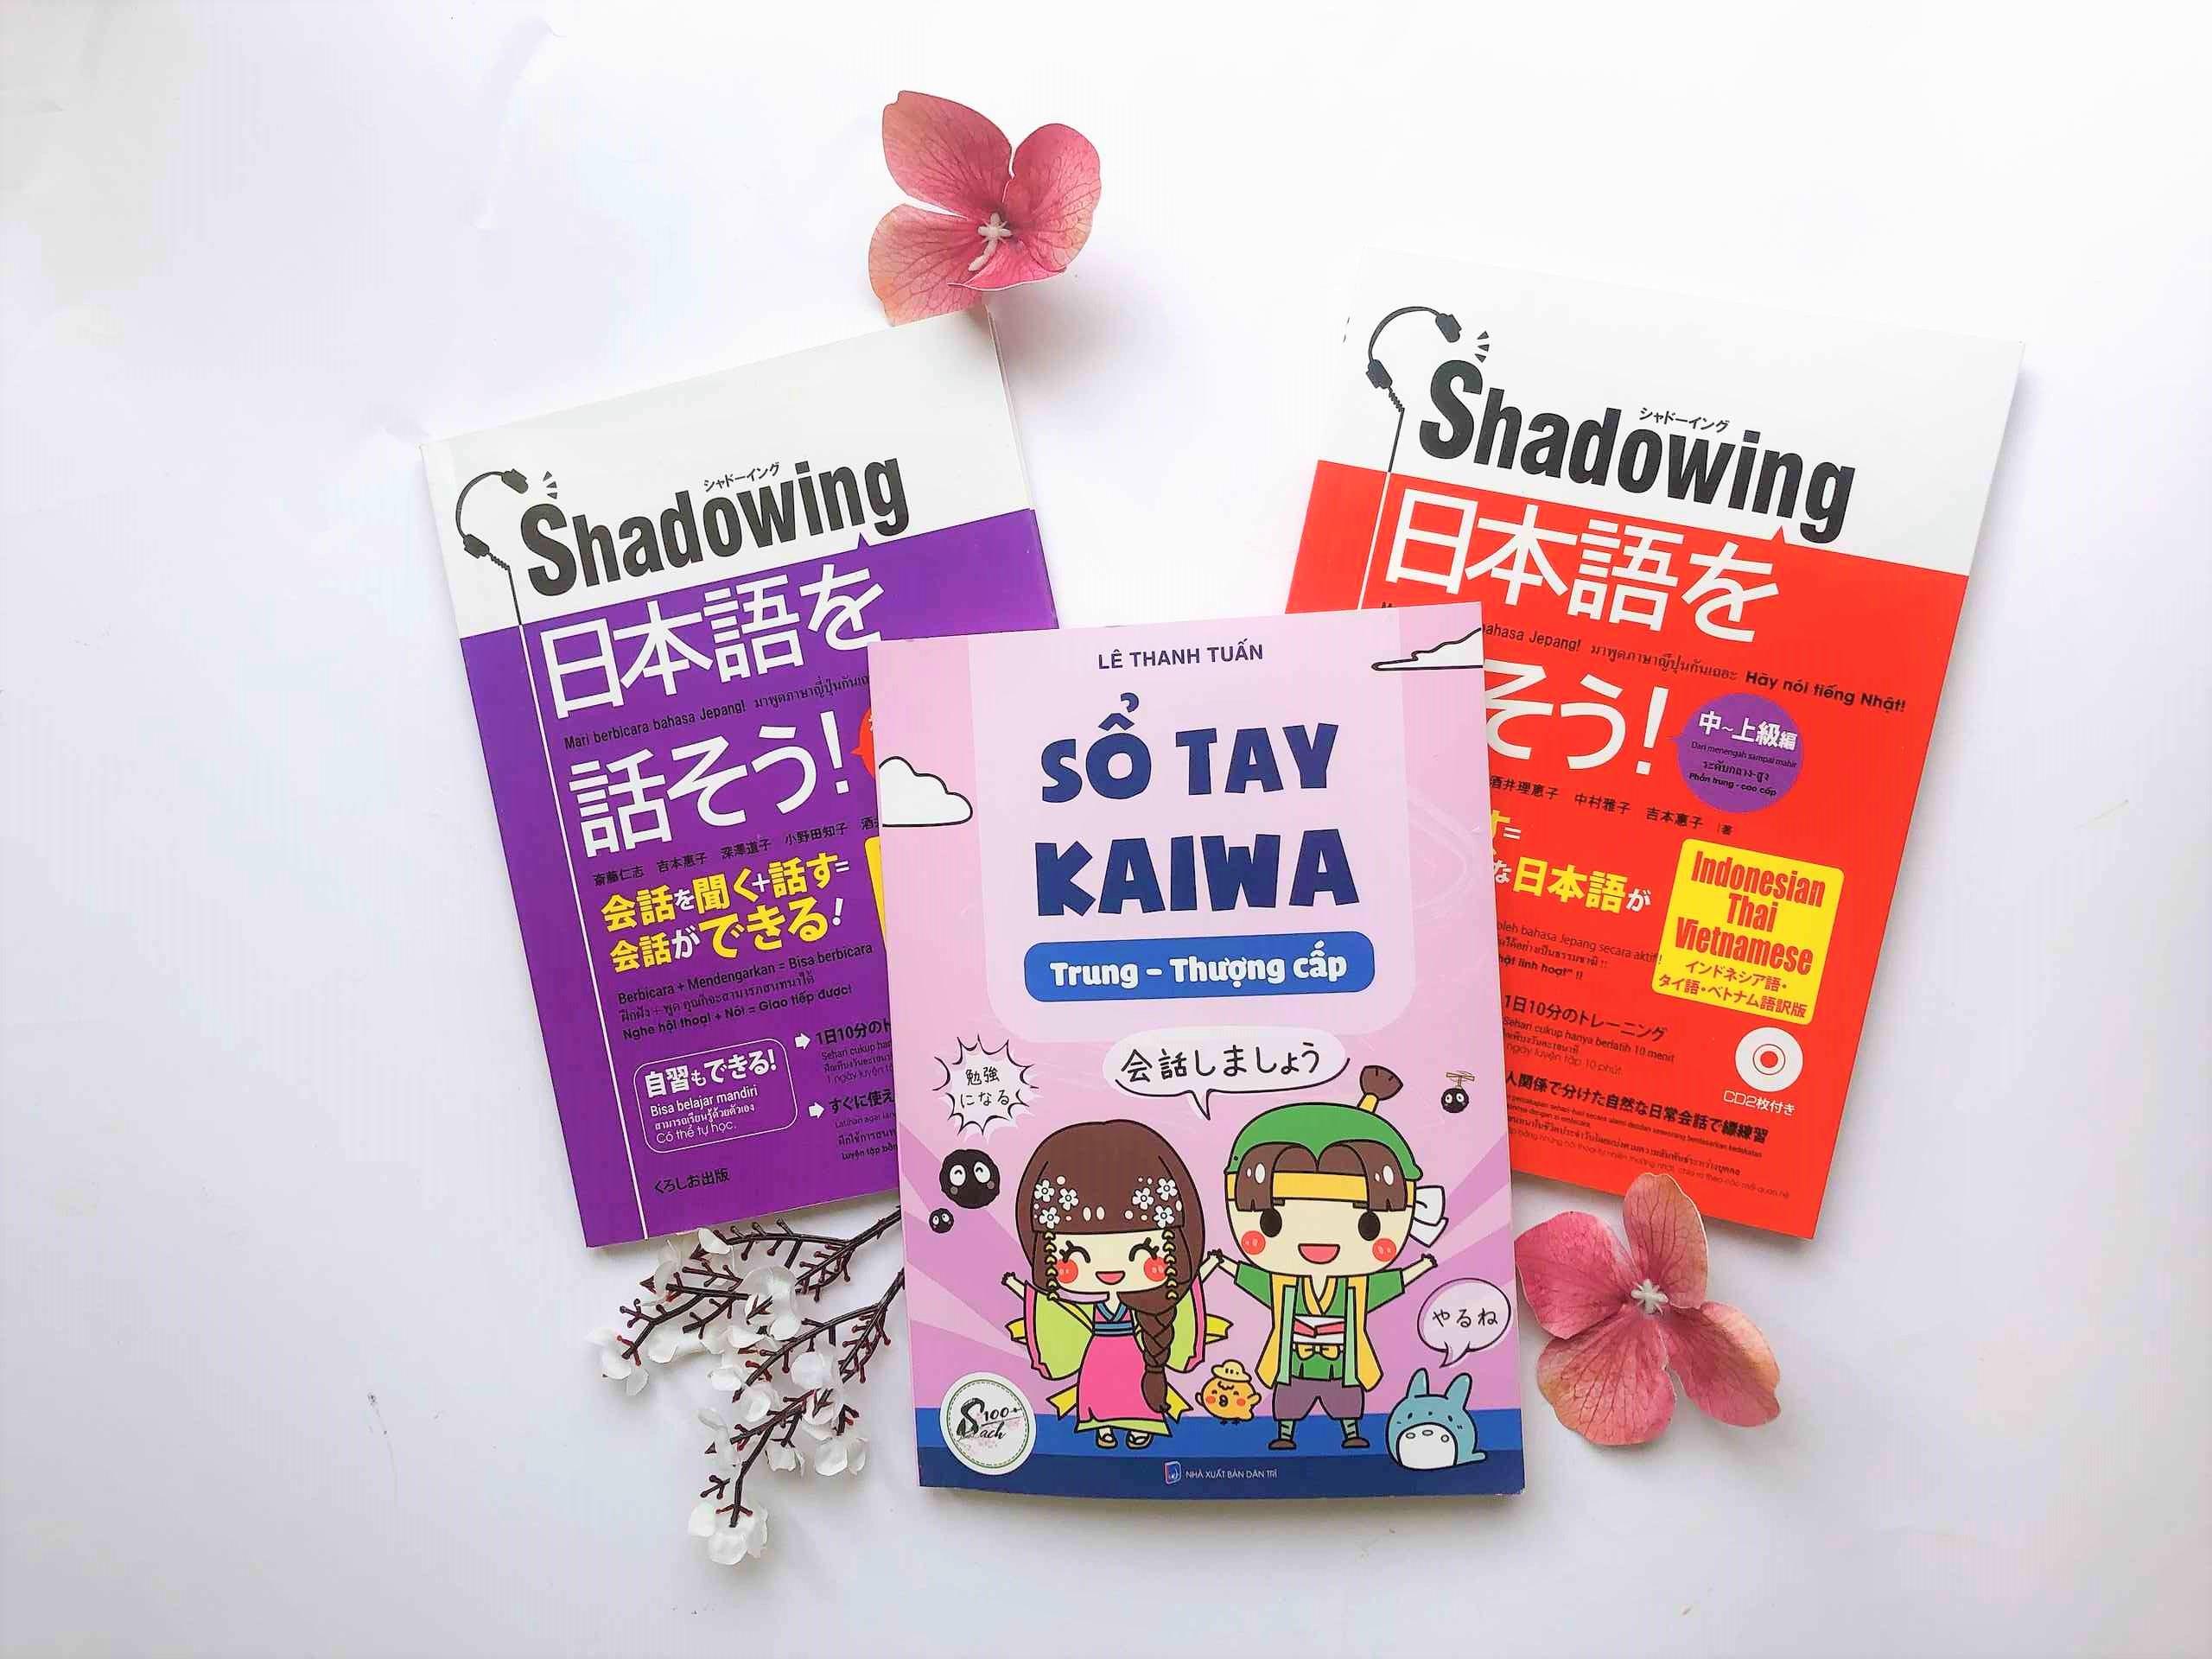 combo sổ tay kaiwa trung thượng cấp shadowing sơ trung cấp shadowing trung thượng cấp